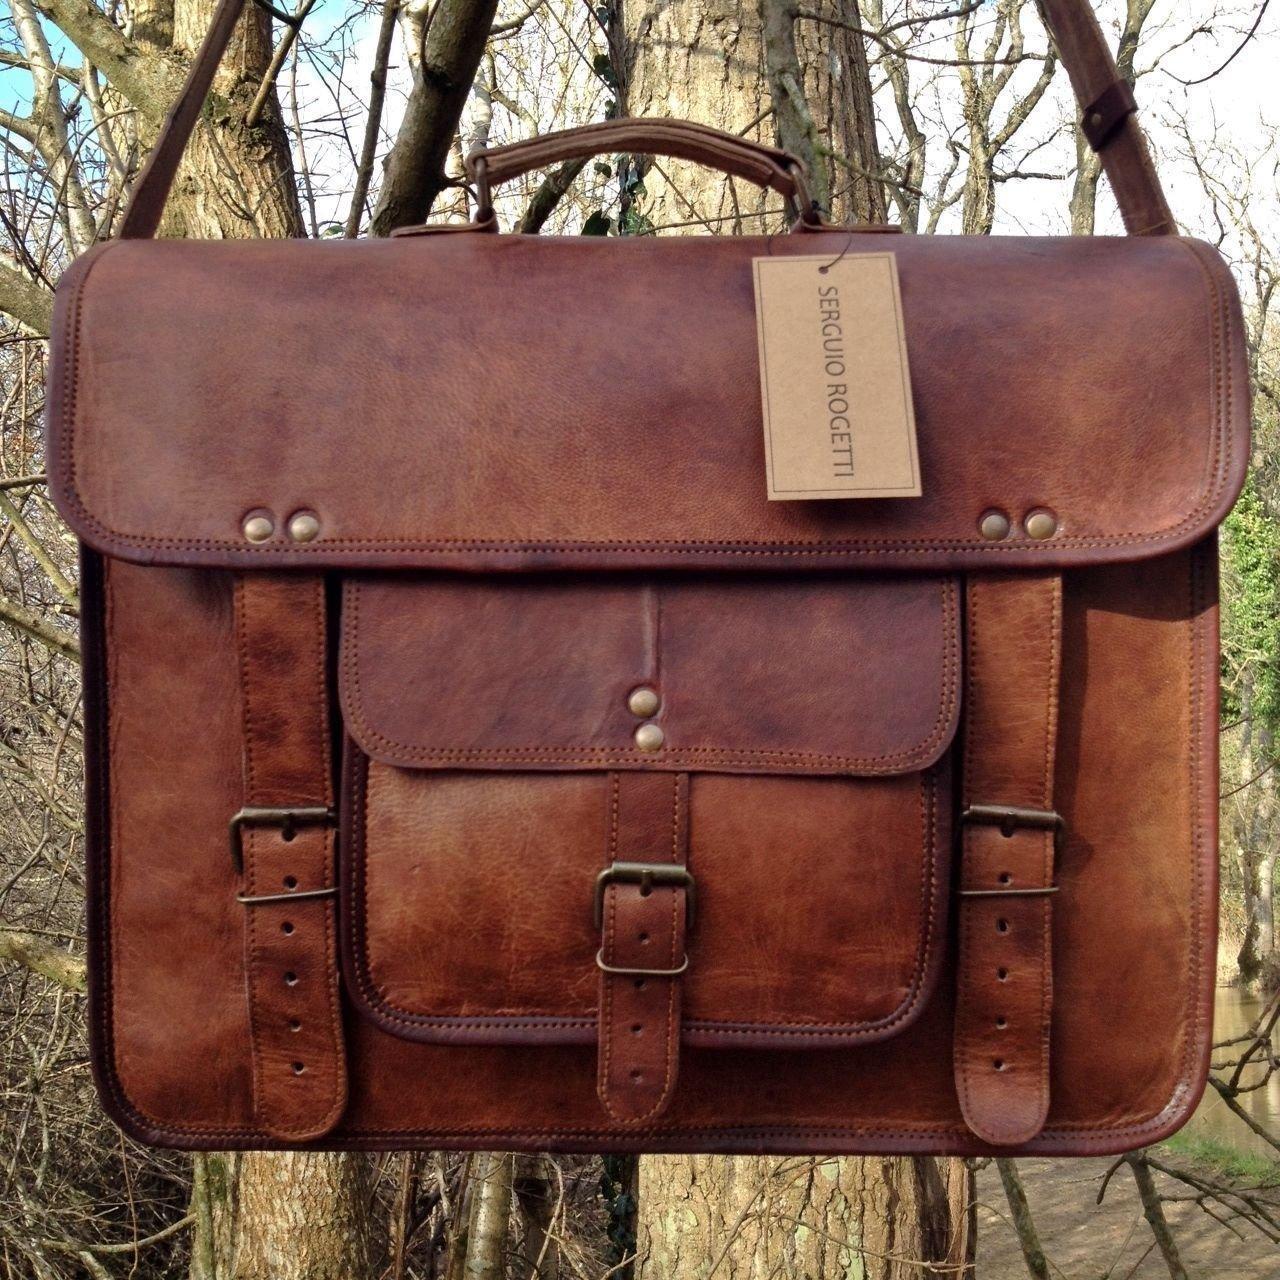 Vintage Leather Laptop Bag 15'' Messenger Briefcase Crossbody Shoulder Satchel Bag